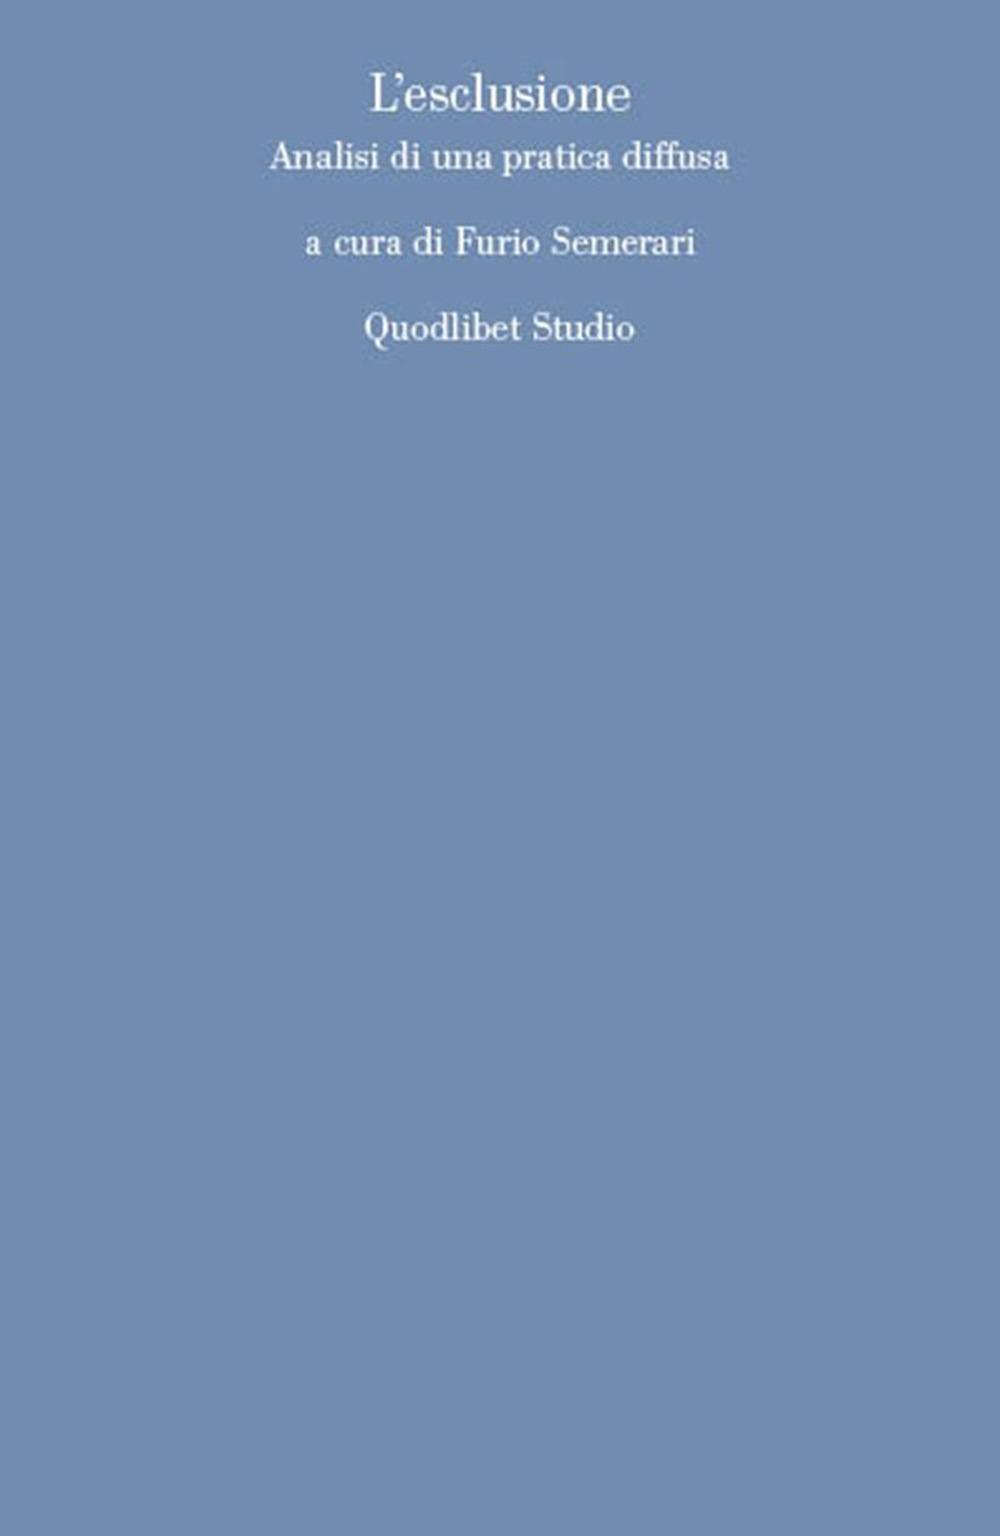 ESCLUSIONE. ANALISI DI UNA PRATICA DIFFUSA (L') - Semerari F. (cur.) - 9788822905291